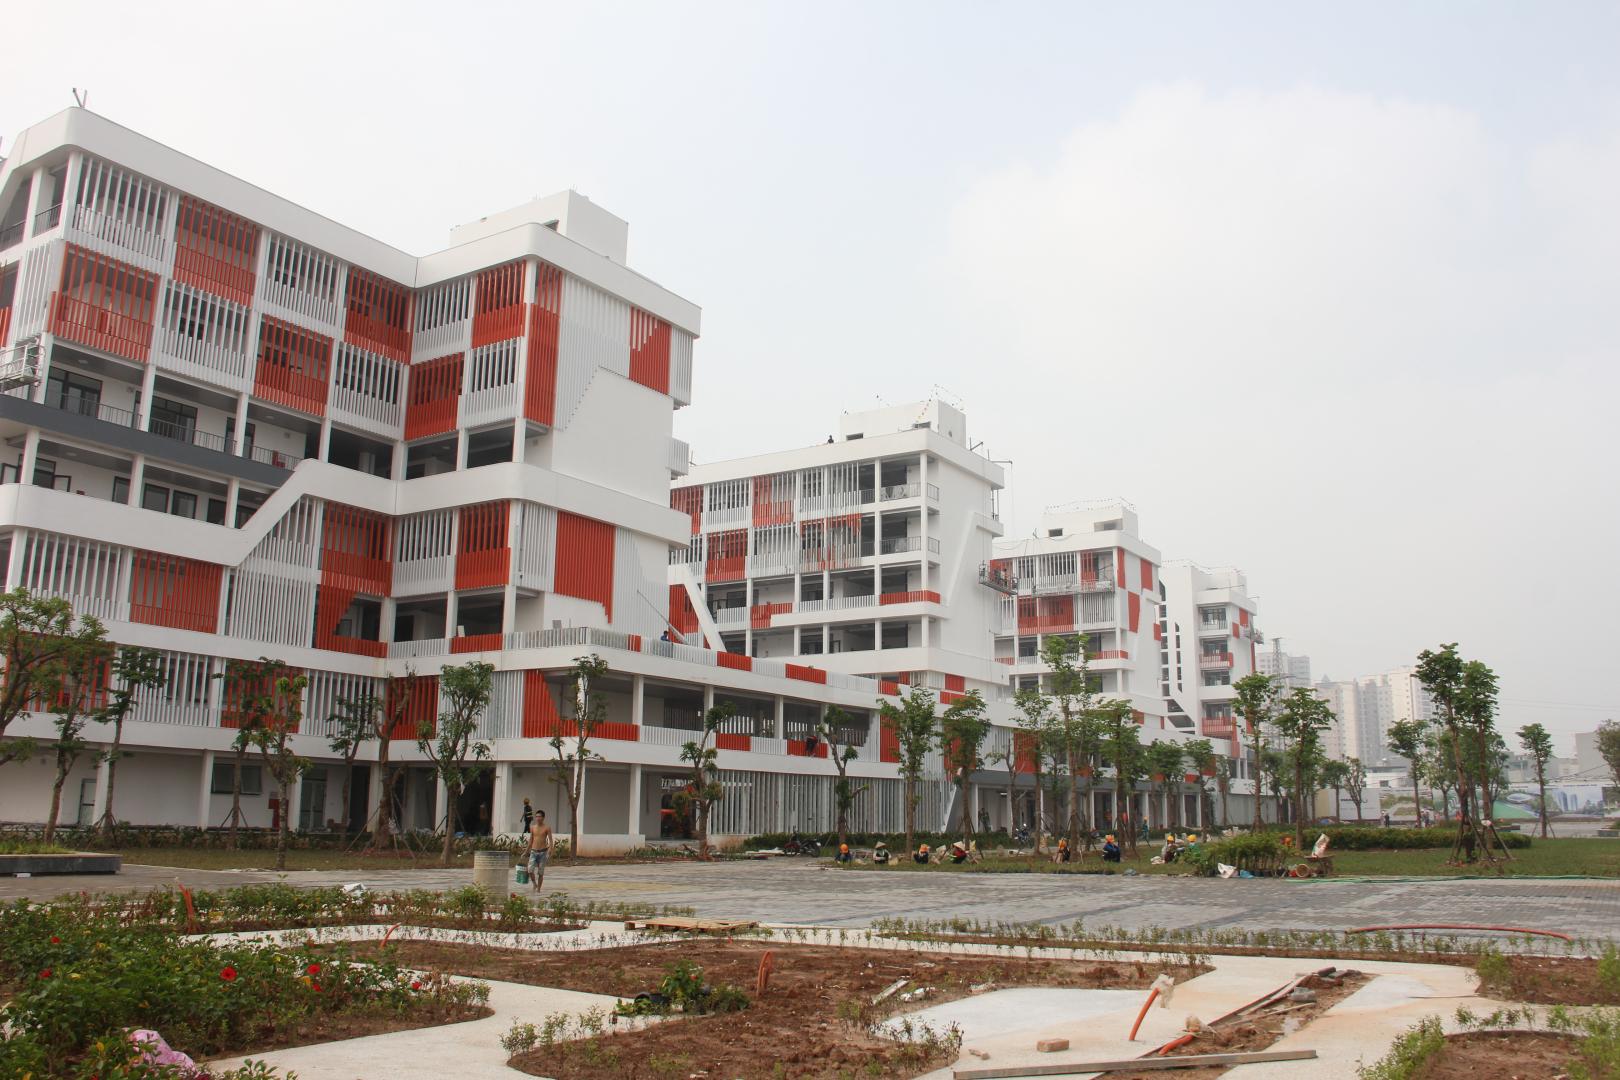 Fecon trúng thầu dự án Nhiệt điện Vũng Áng II - Ảnh 1.